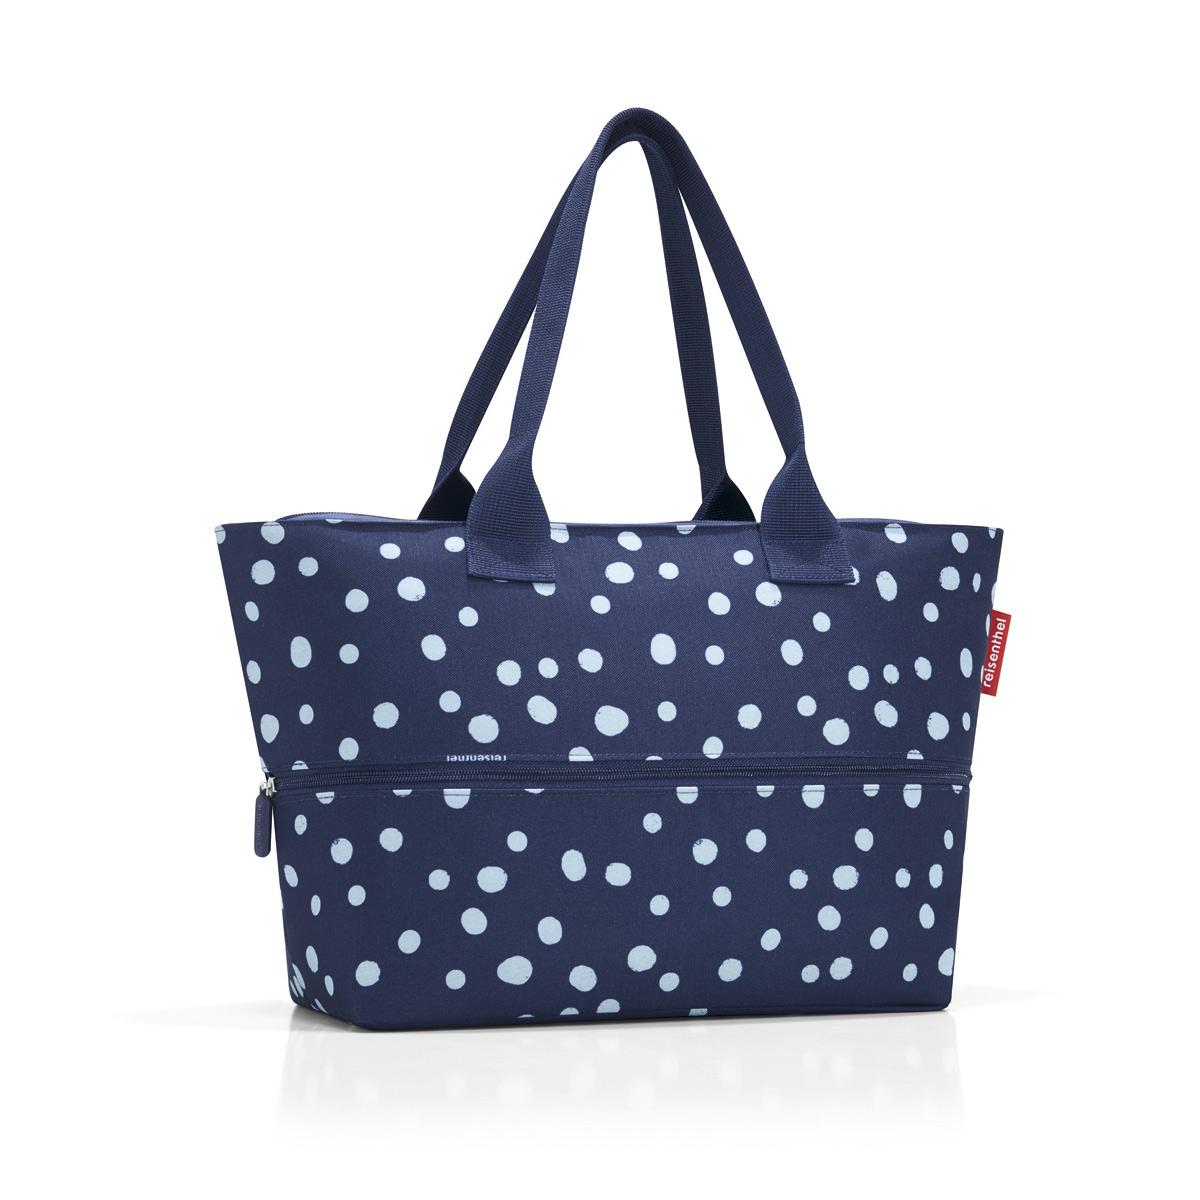 Сумка-шоппер женская Reisenthel Shopper E1 spots navy, цвет: темно-синий, белый. RJ4044RJ4044Удобная сумка для шоппинга и путешествий, способная изменять свой размер. - в основе конструкции - специальная молния, расстегнув которую вы увеличиваете вместимость сумки с 12 до 18 литров; - внутри предусмотрен карман на молнии для мелочей; - две удобные ручки для ношения на плече.